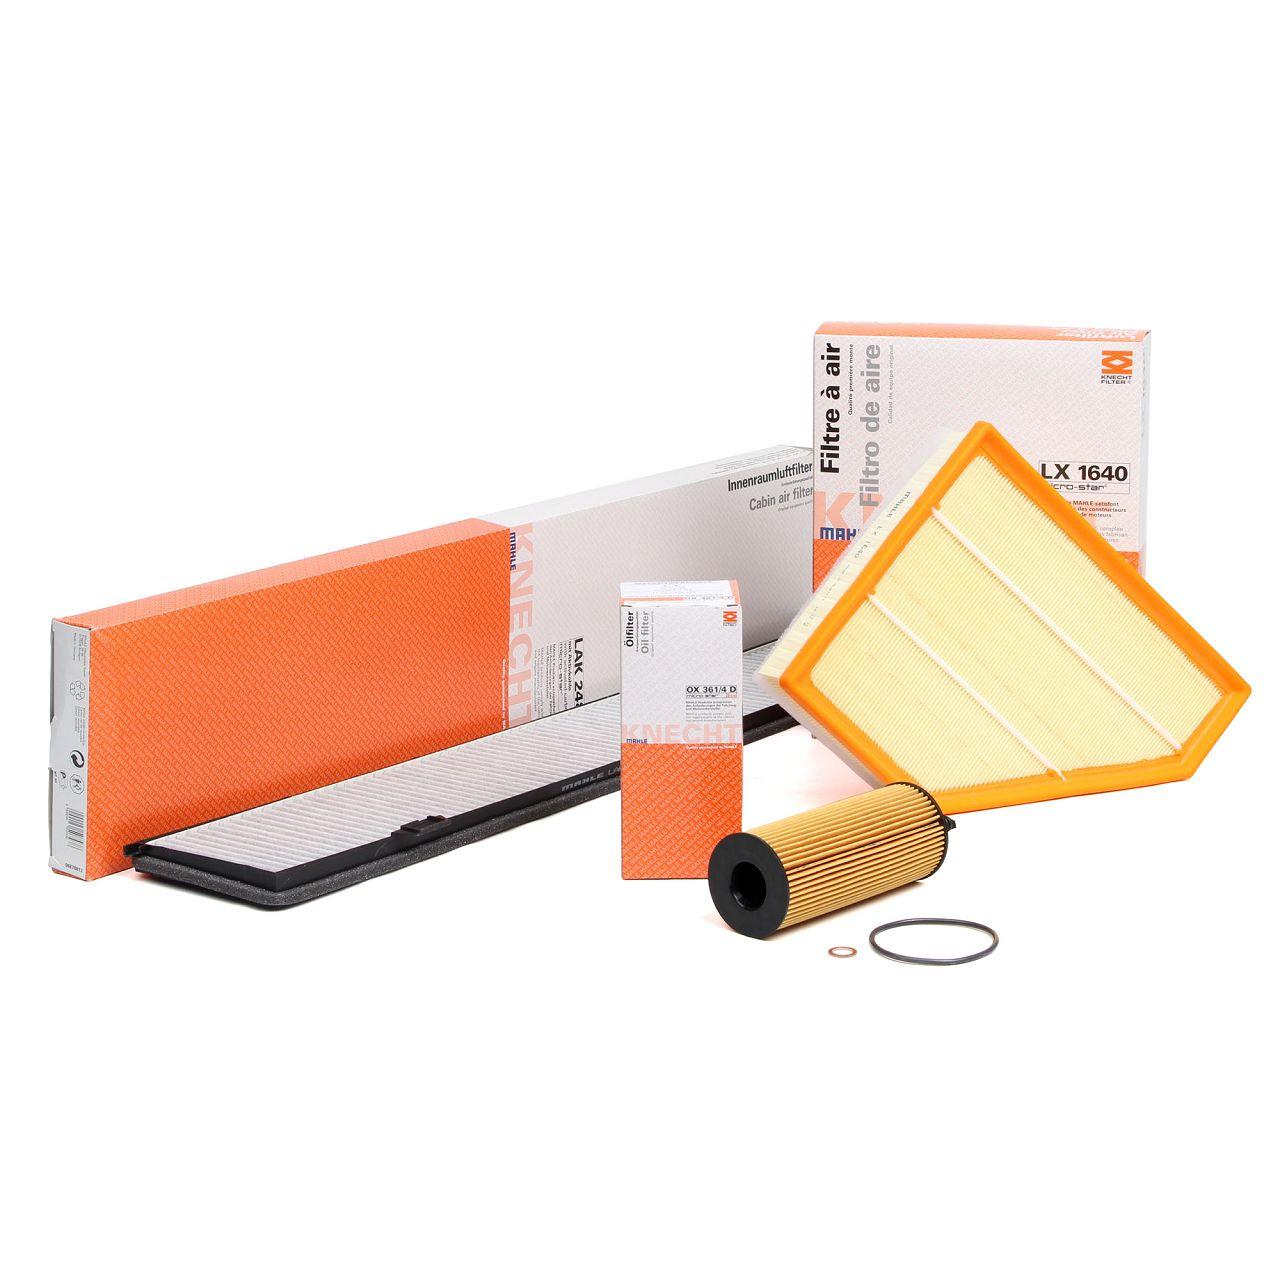 KNECHT / MAHLE Filterset für BMW E81-88 116-123d E90-93 316-320d X1 E84 18-23d